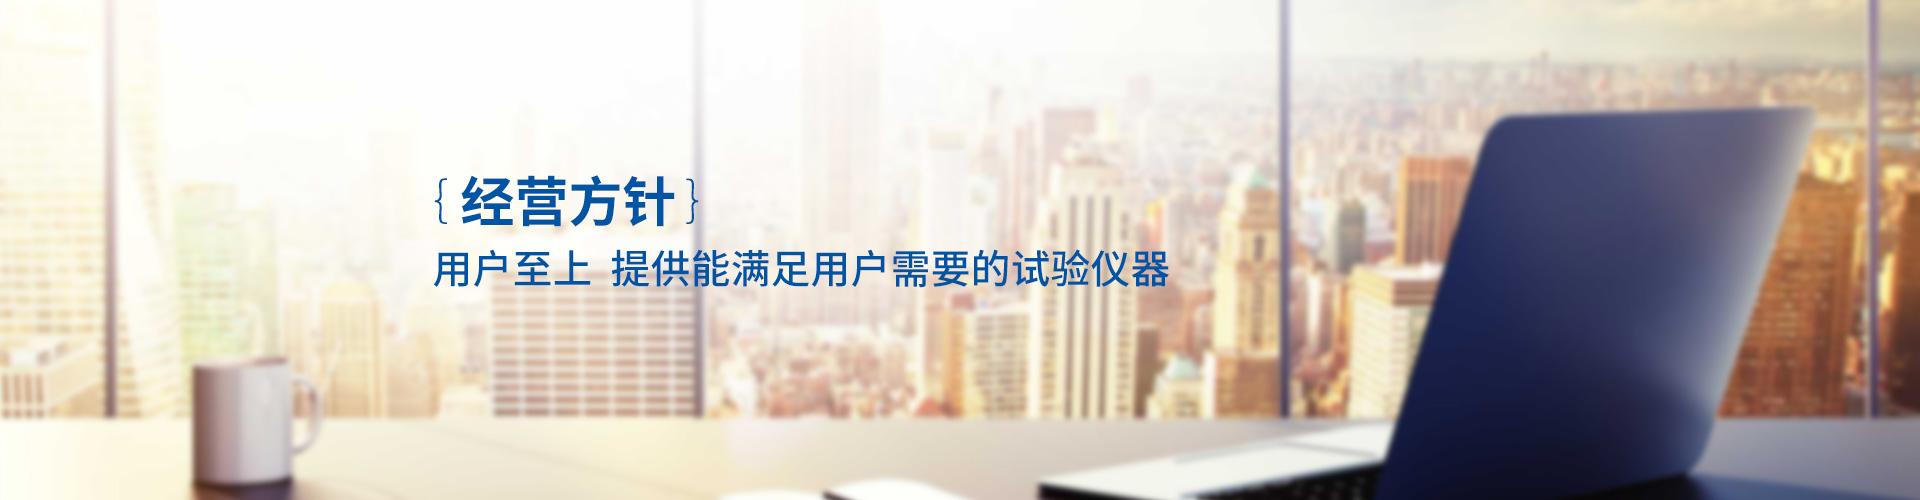 上海灏兴科技有限公司经营方针